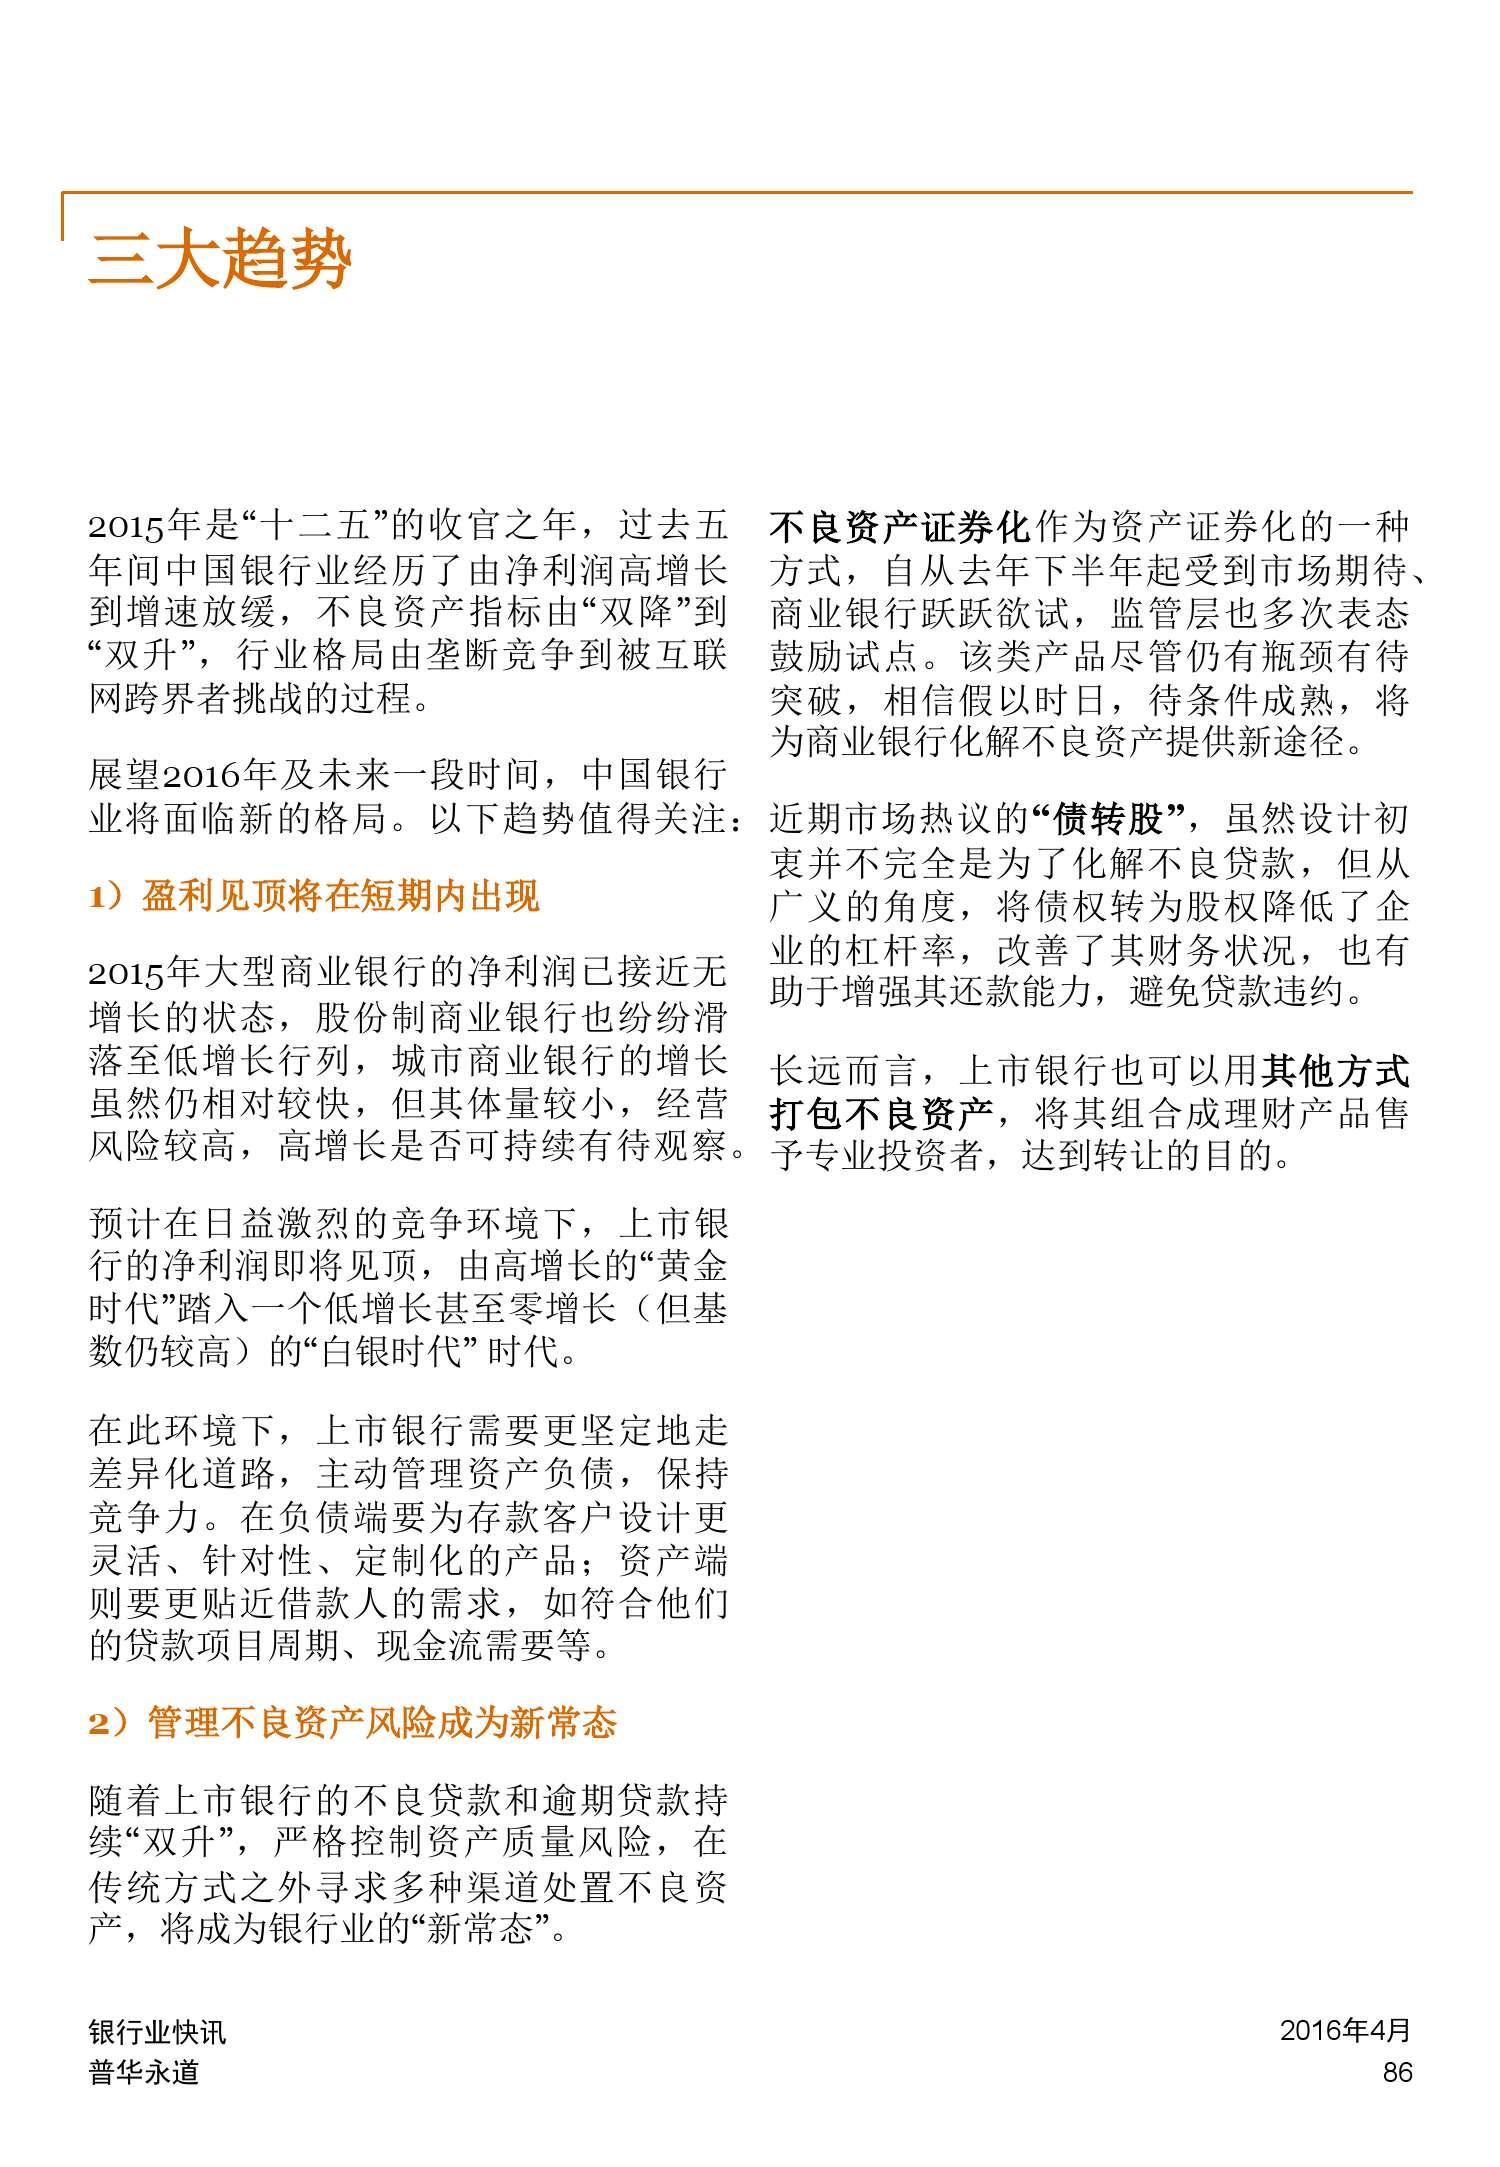 普华永道:2015年中国银行业回顾与展望_000086